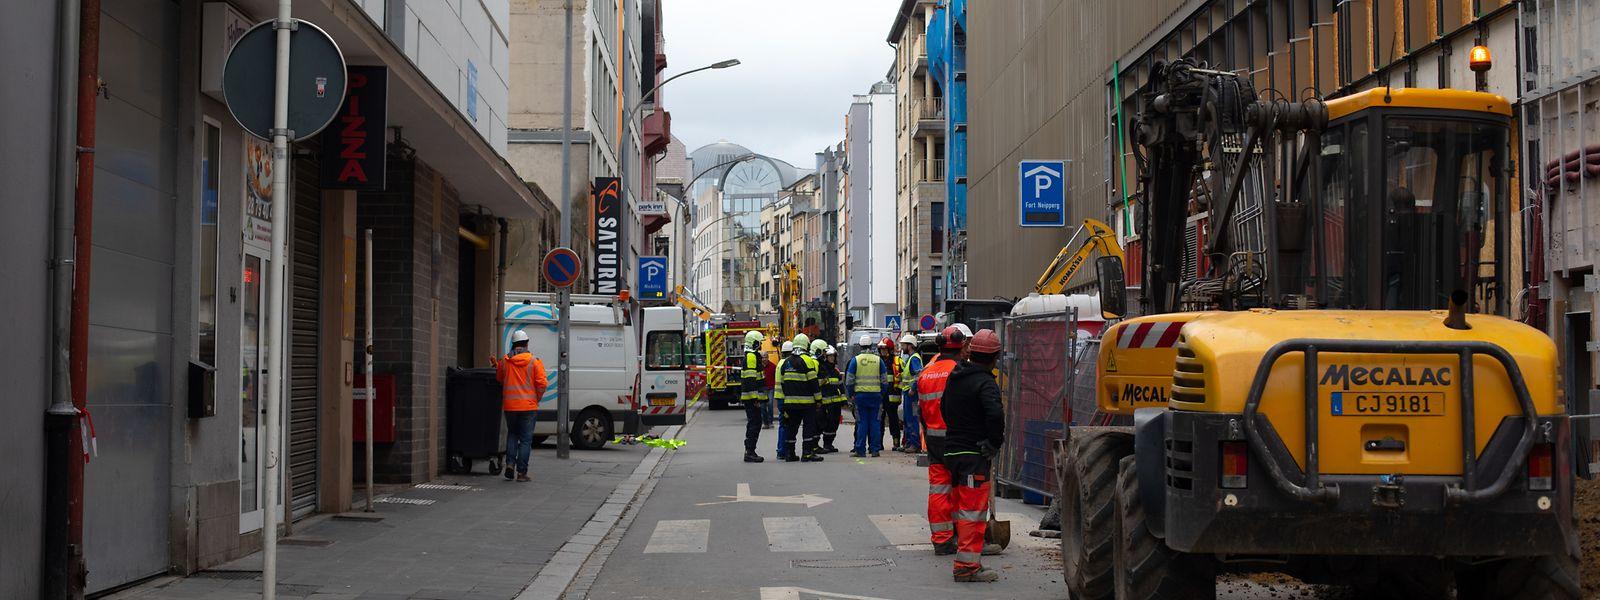 Ein Großaufgebot an Polizisten und Feuerwehrleuten vor dem Parkhaus Neipperg.